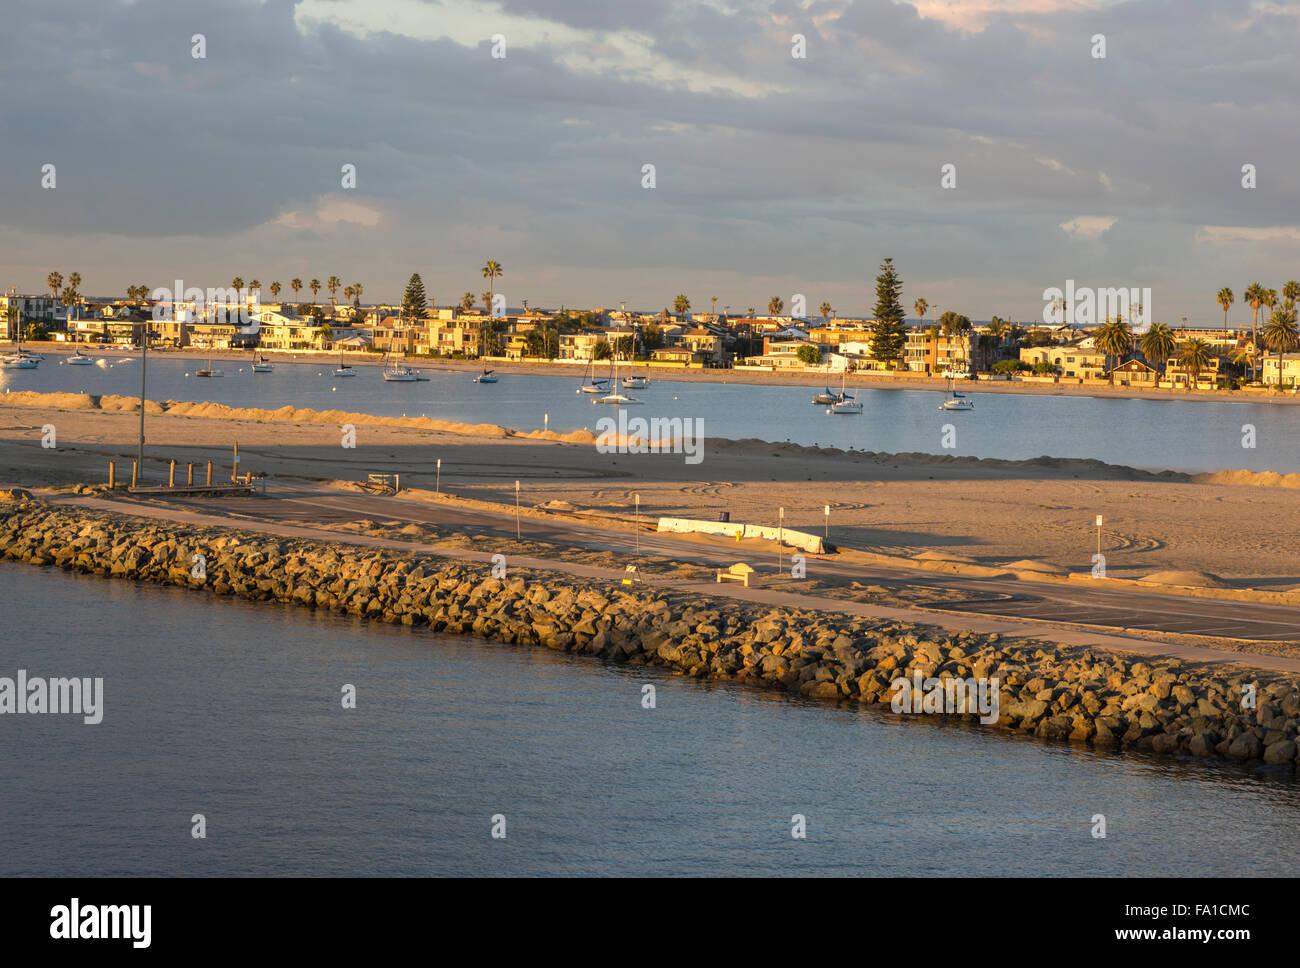 Mirando a la bonita Cala. Mission Bay Park, en San Diego, California, Estados Unidos. Imagen De Stock